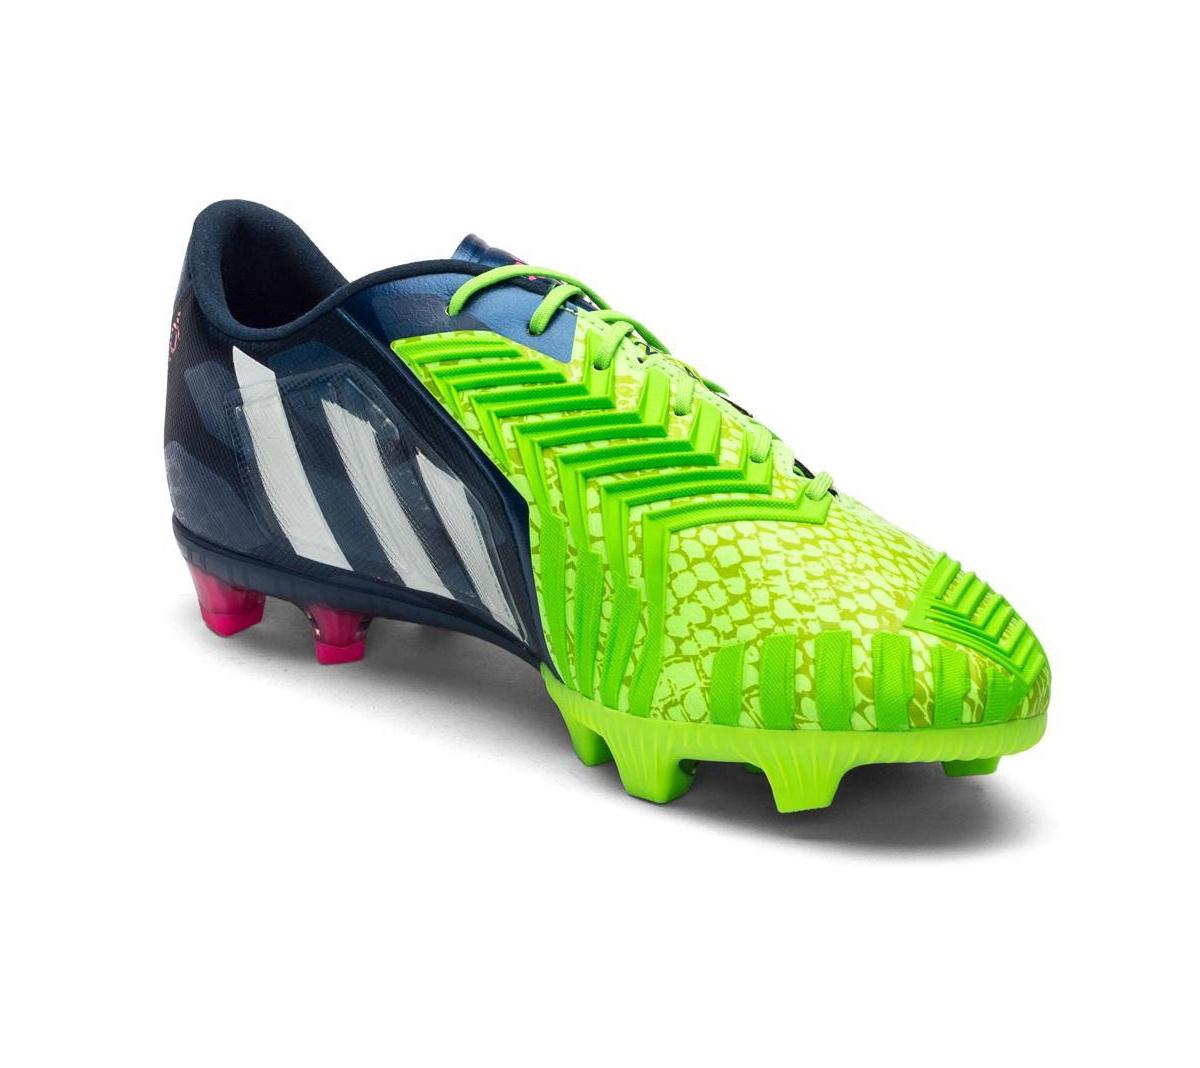 Chuteira Adidas Predator Instinct FG - Mundo do Futebol cd5fd34a22b31